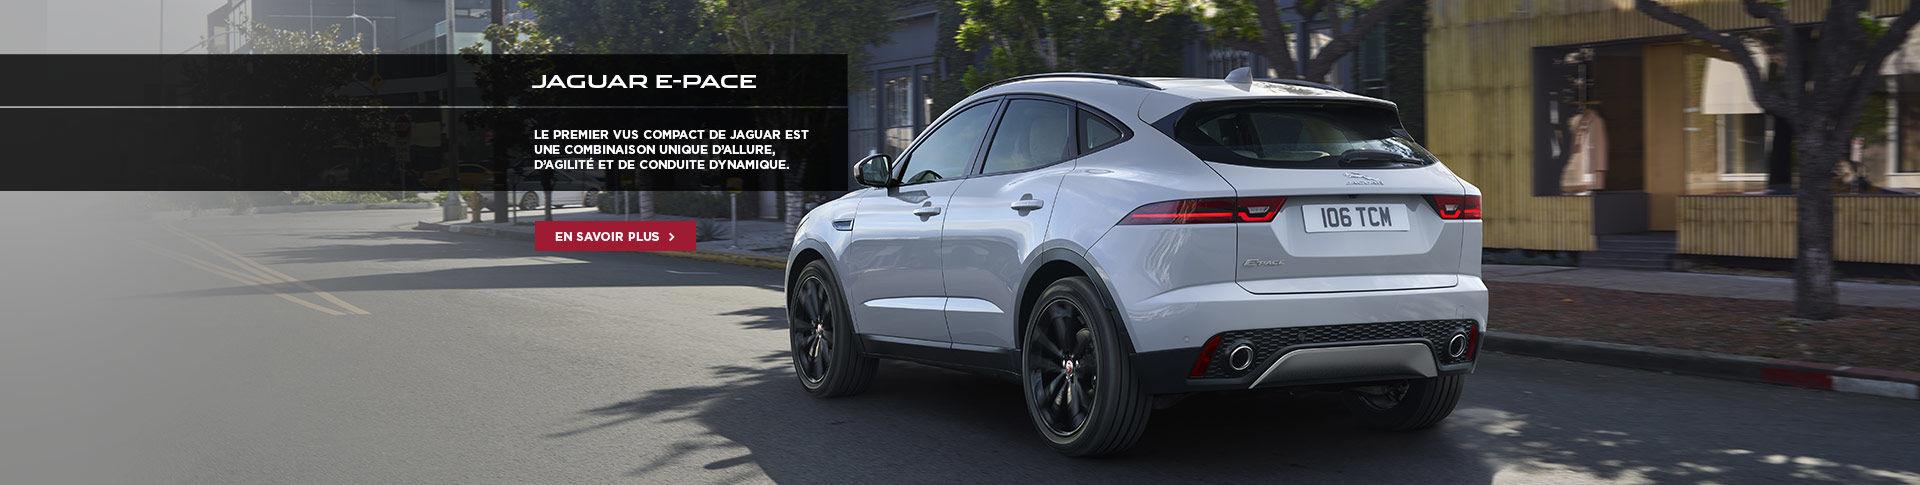 Jaguar E-PACE (Copie)